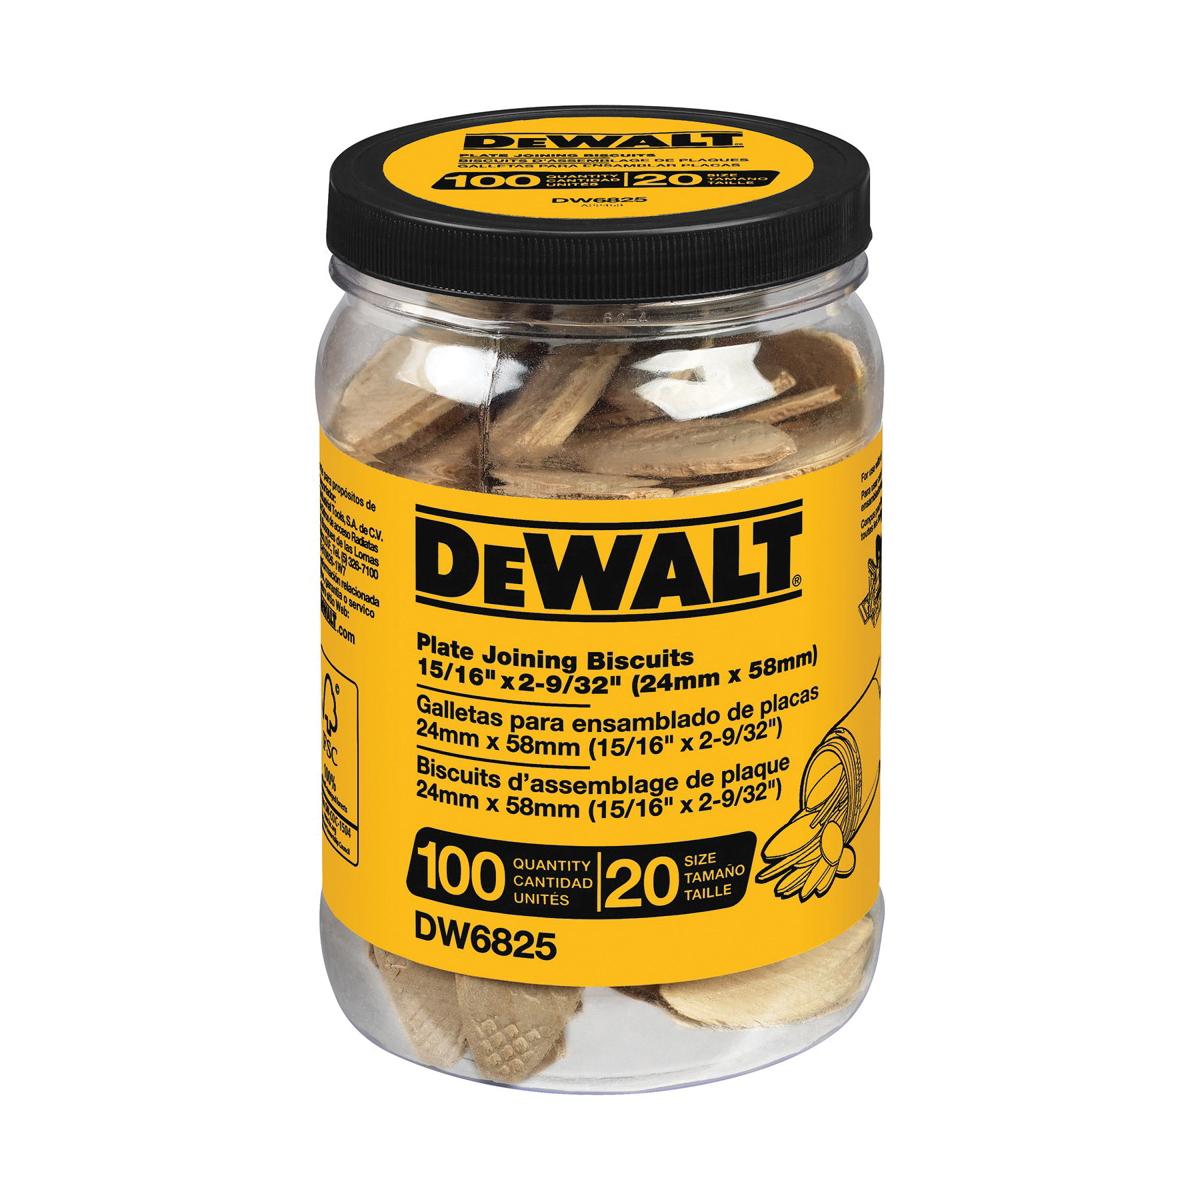 DeWALT® DW6825